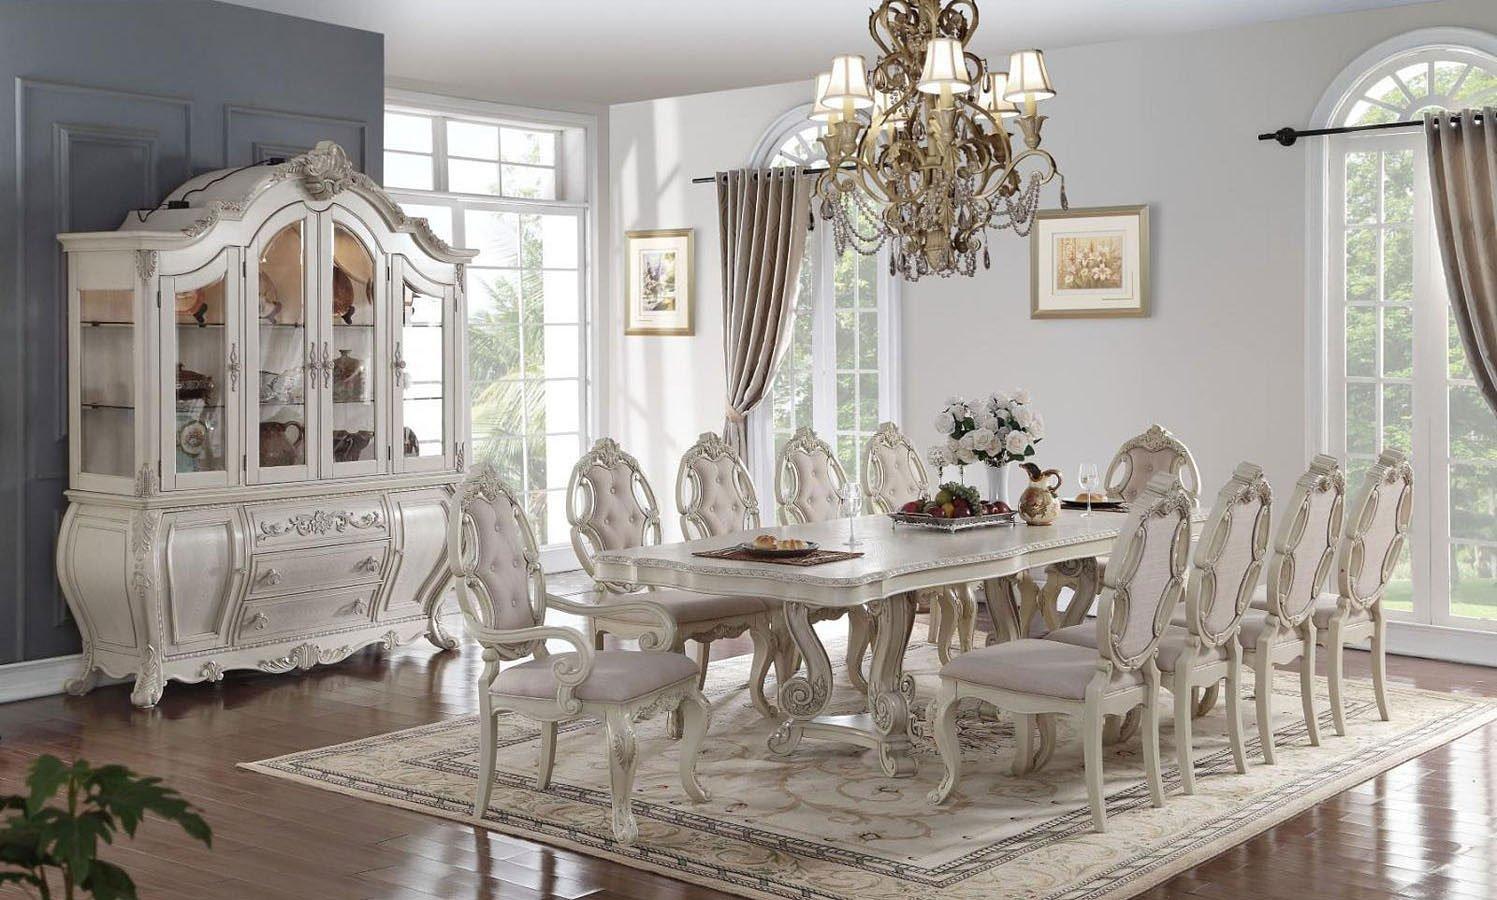 Ragenardus Dining Room Set Antique White Acme Furniture